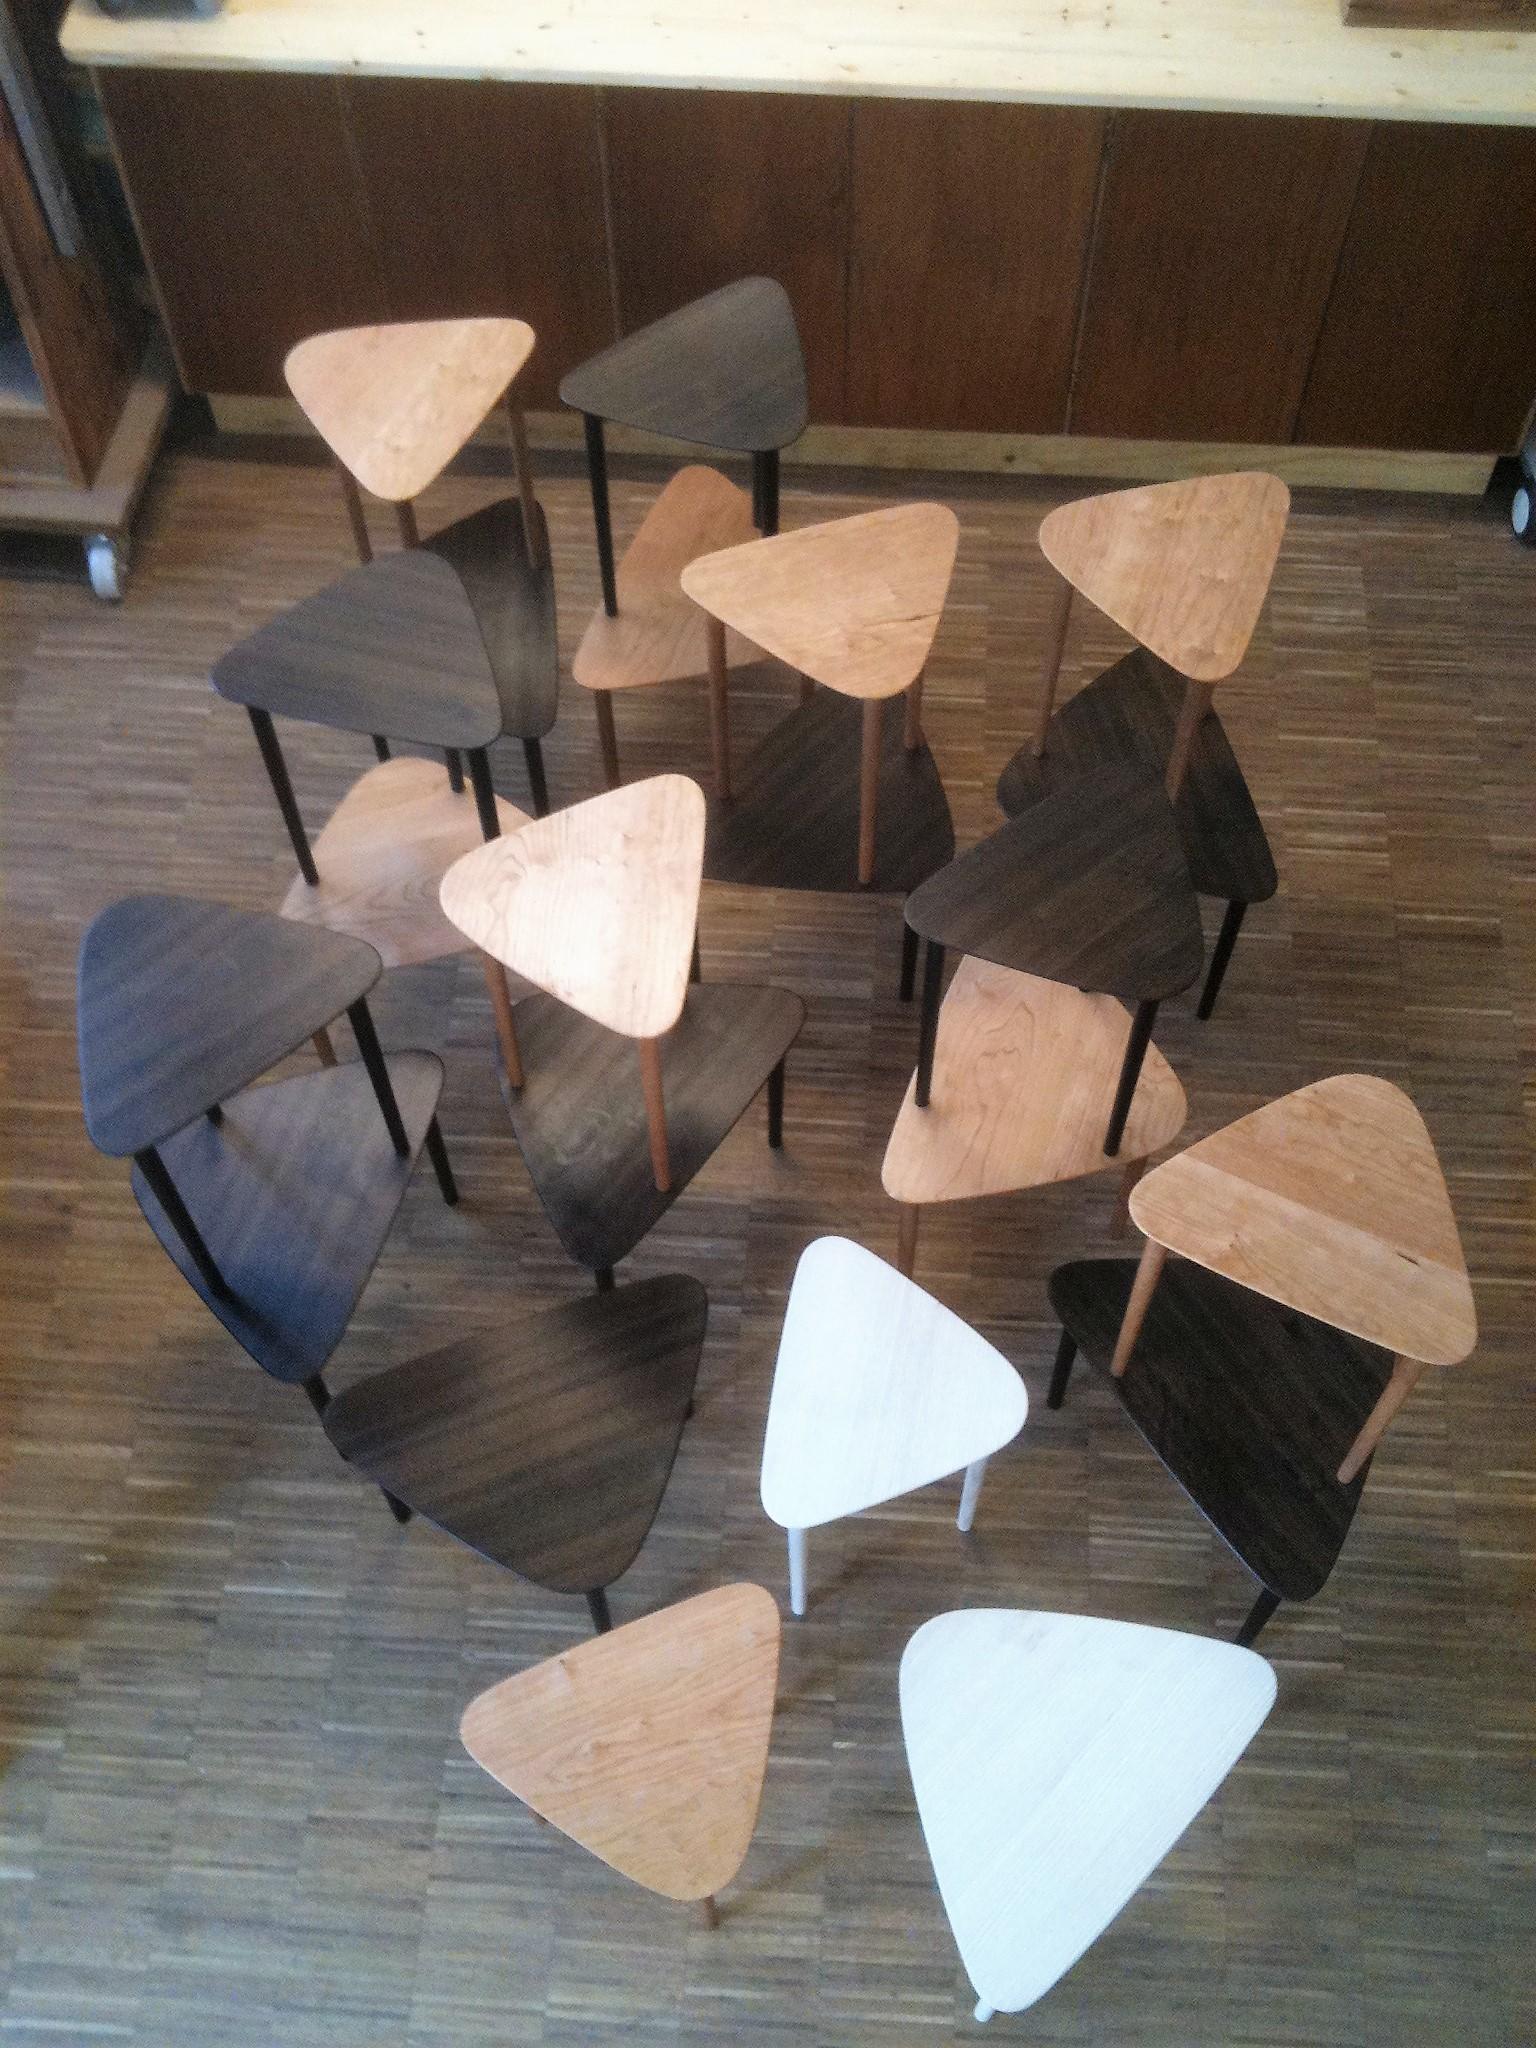 Trekantsbord udført i forskellige træsorter til firsørsalen